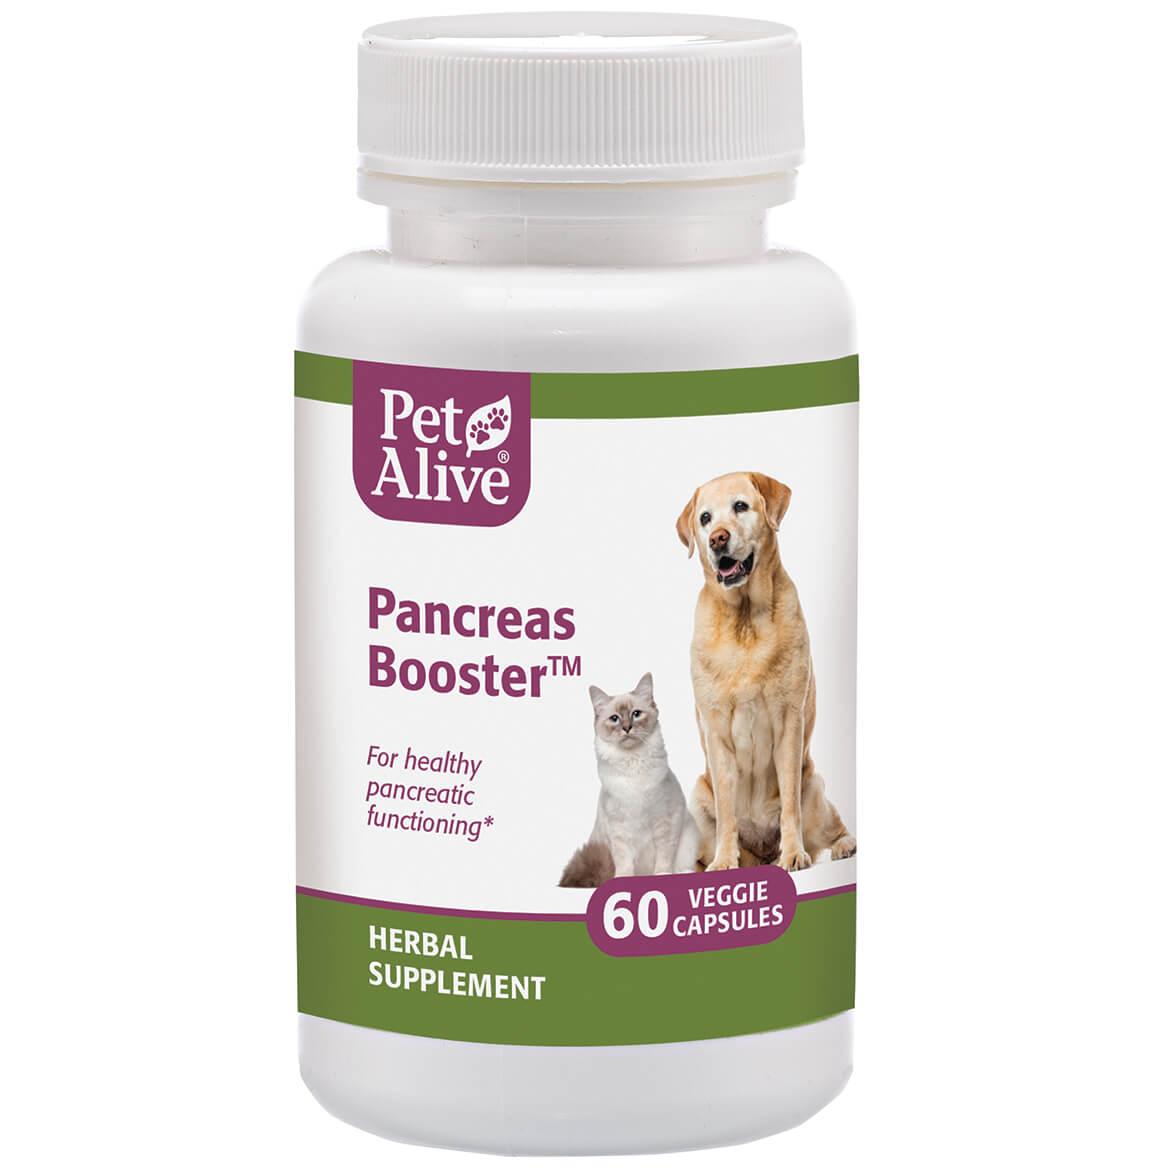 Pancreas Booster™ for Pancreatic Functioning-351915